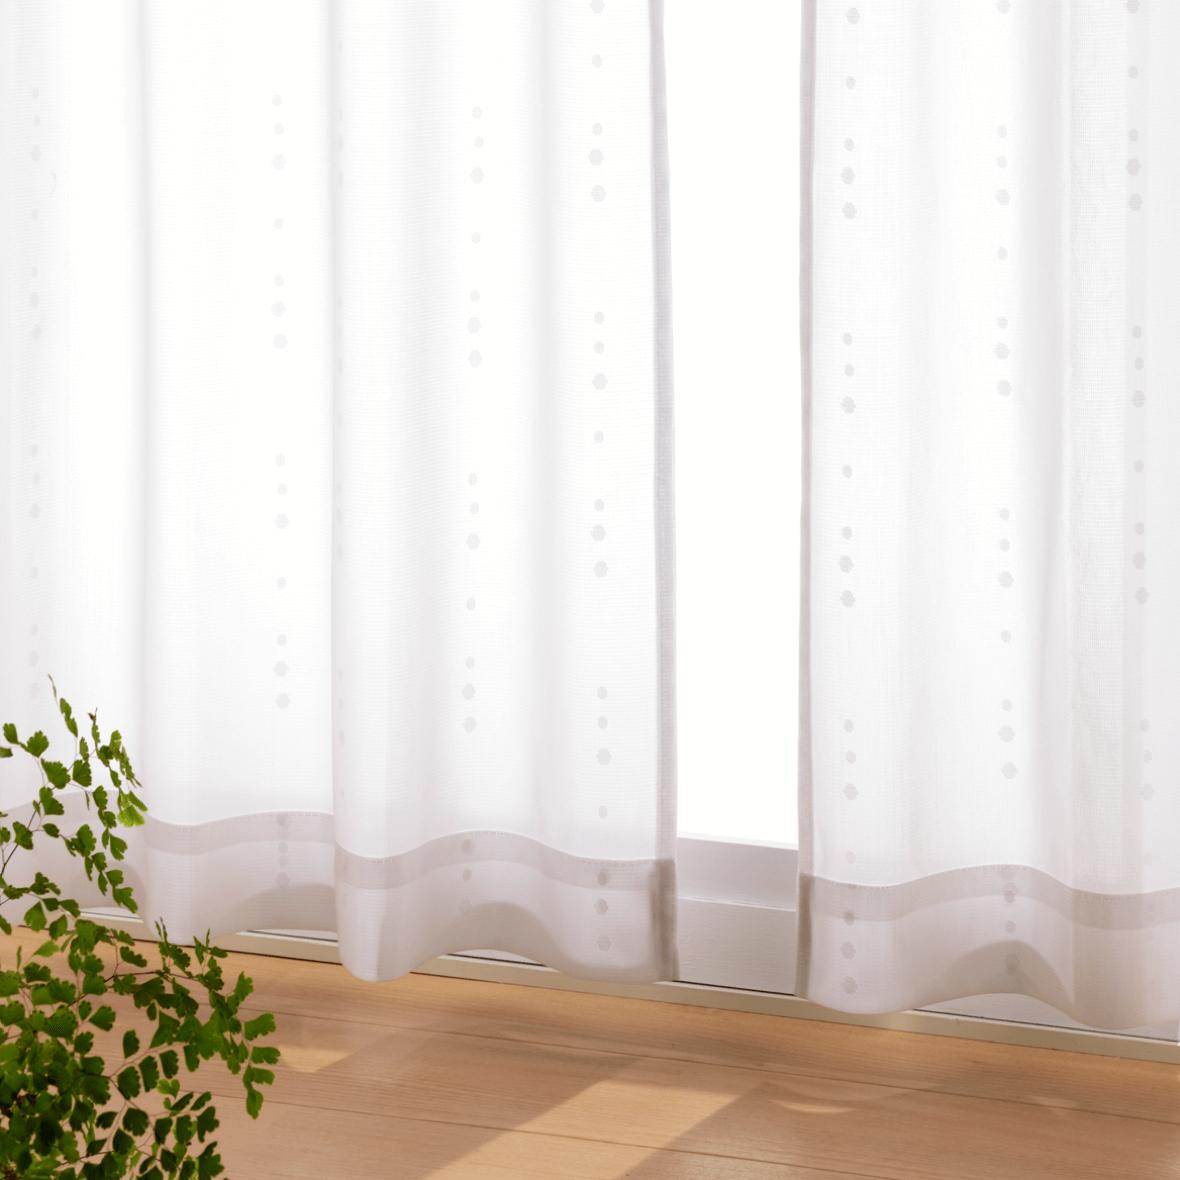 既製カーテン|eブライトドット 100x133 wh - ファニチャードーム